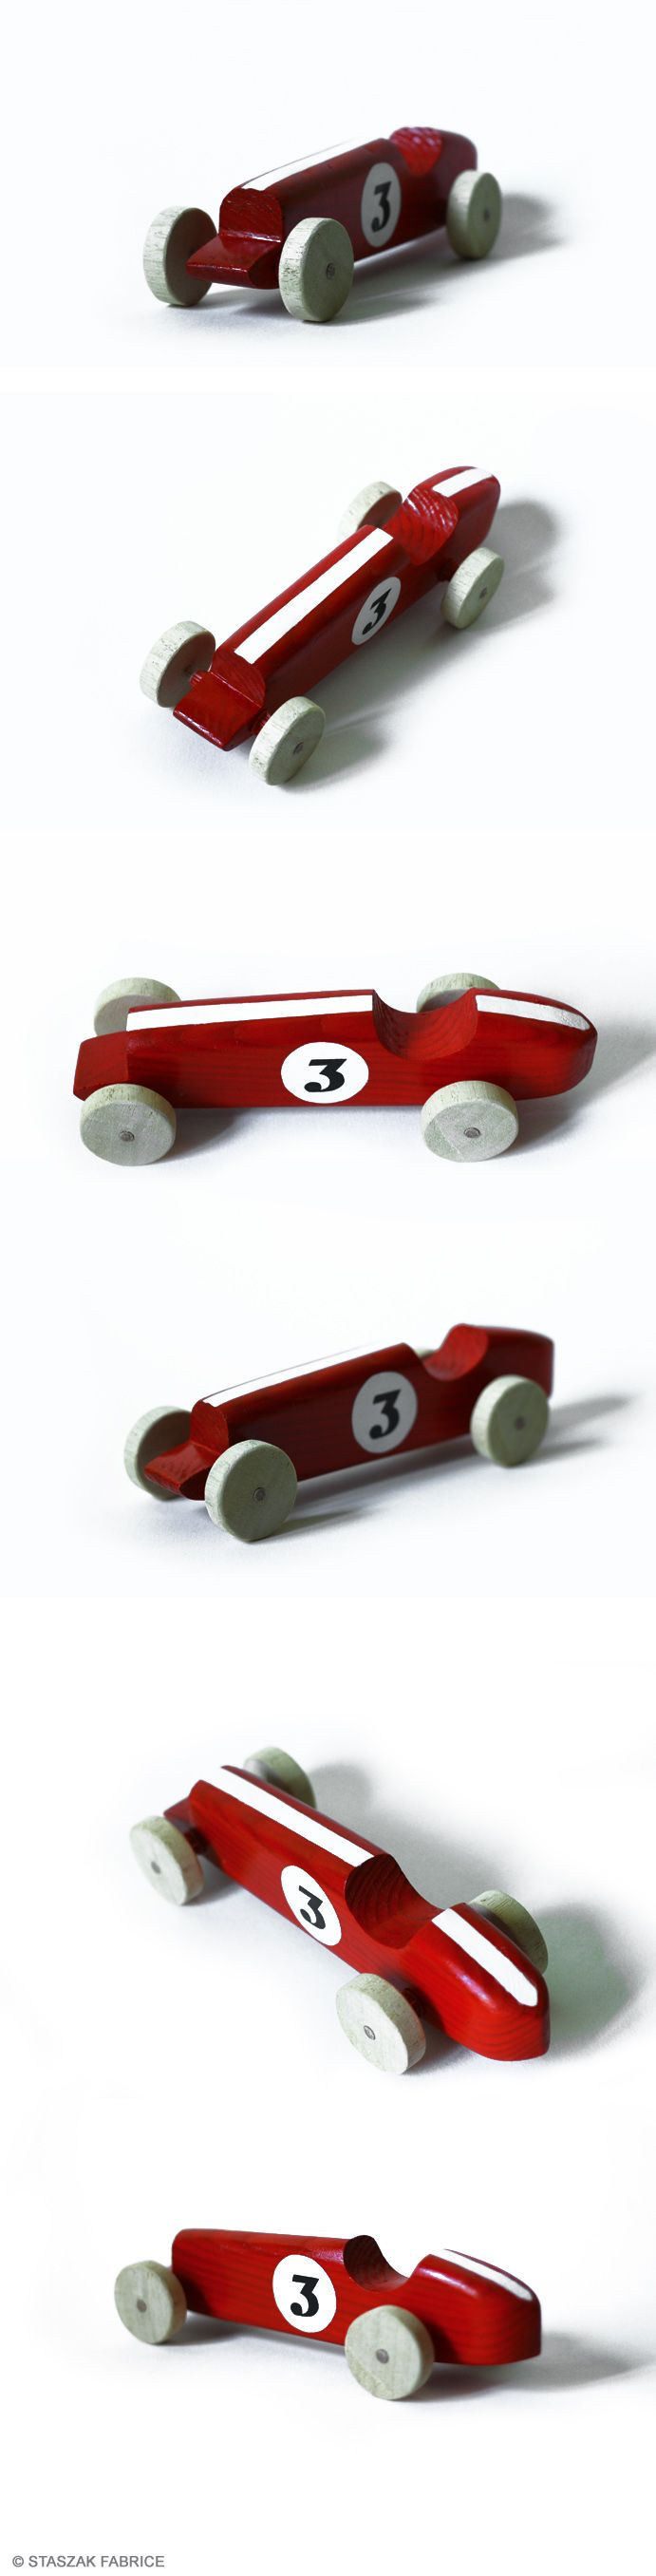 © STASZAK Fabrice 2014 Vintage car toy. Wood car toy.